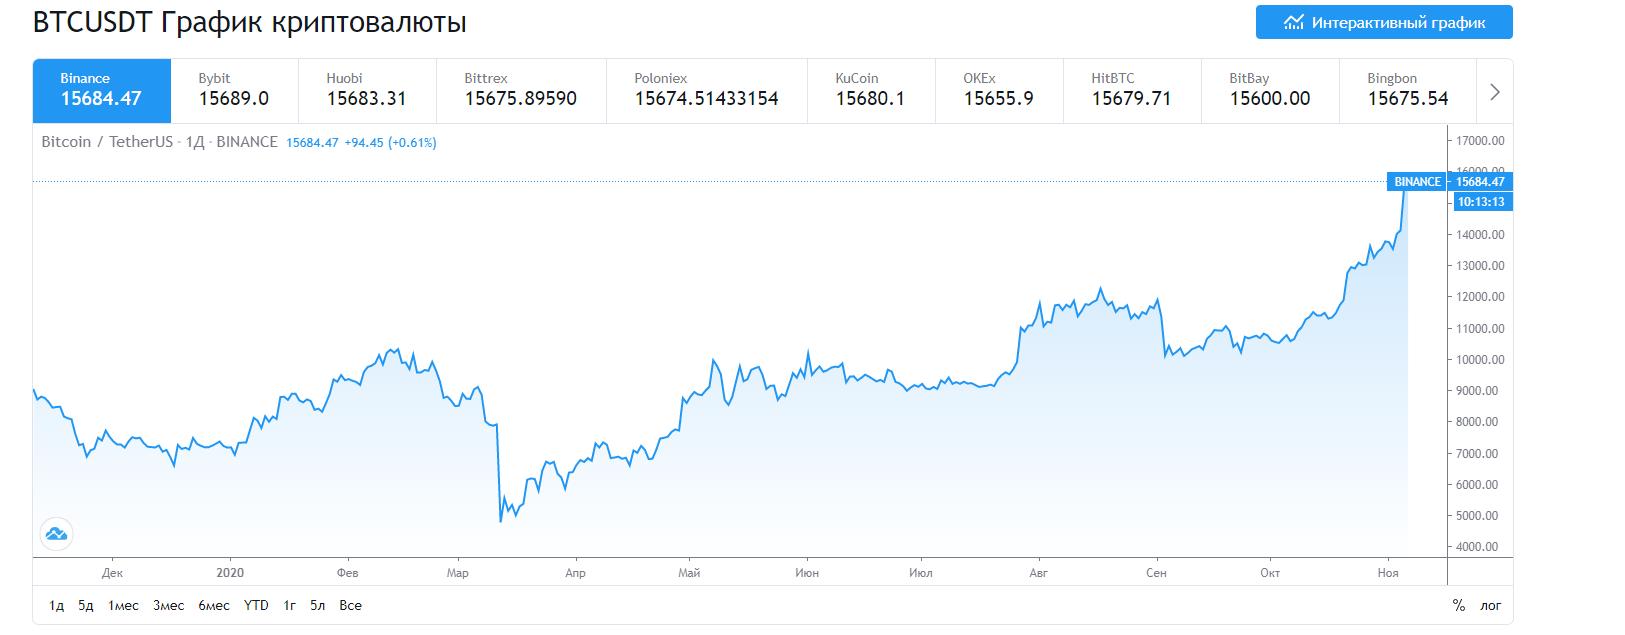 Bitcoin продолжает дорожать: курс почти побил двухлетний рекорд